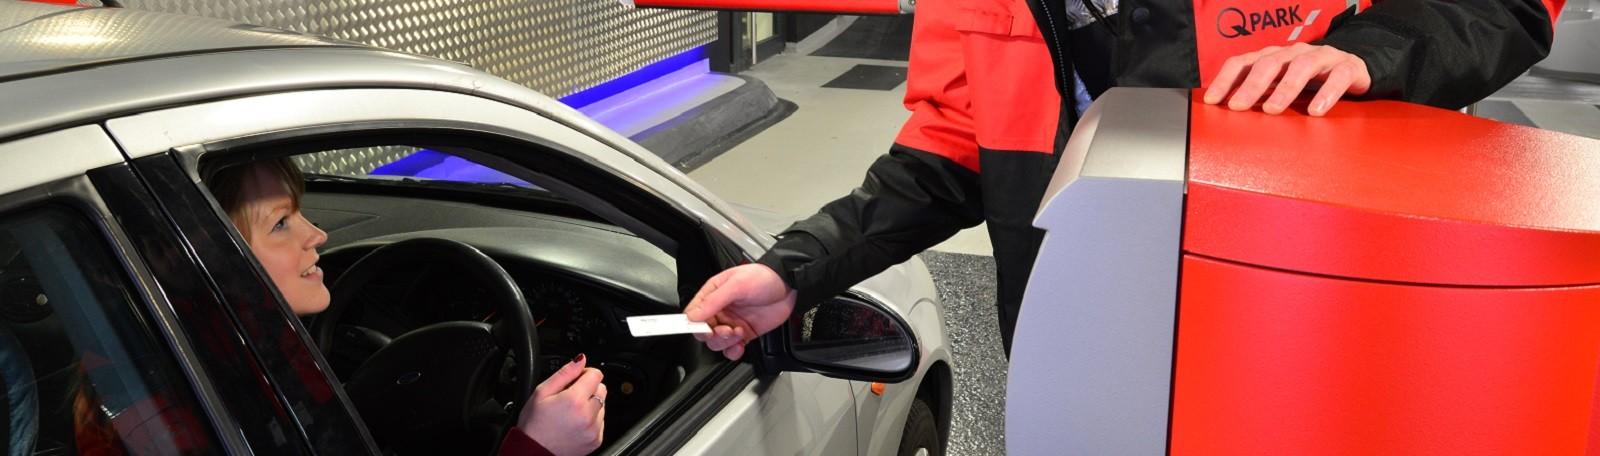 Stationner plus de 3 mois - Réservez votre place de parking | Q-Park